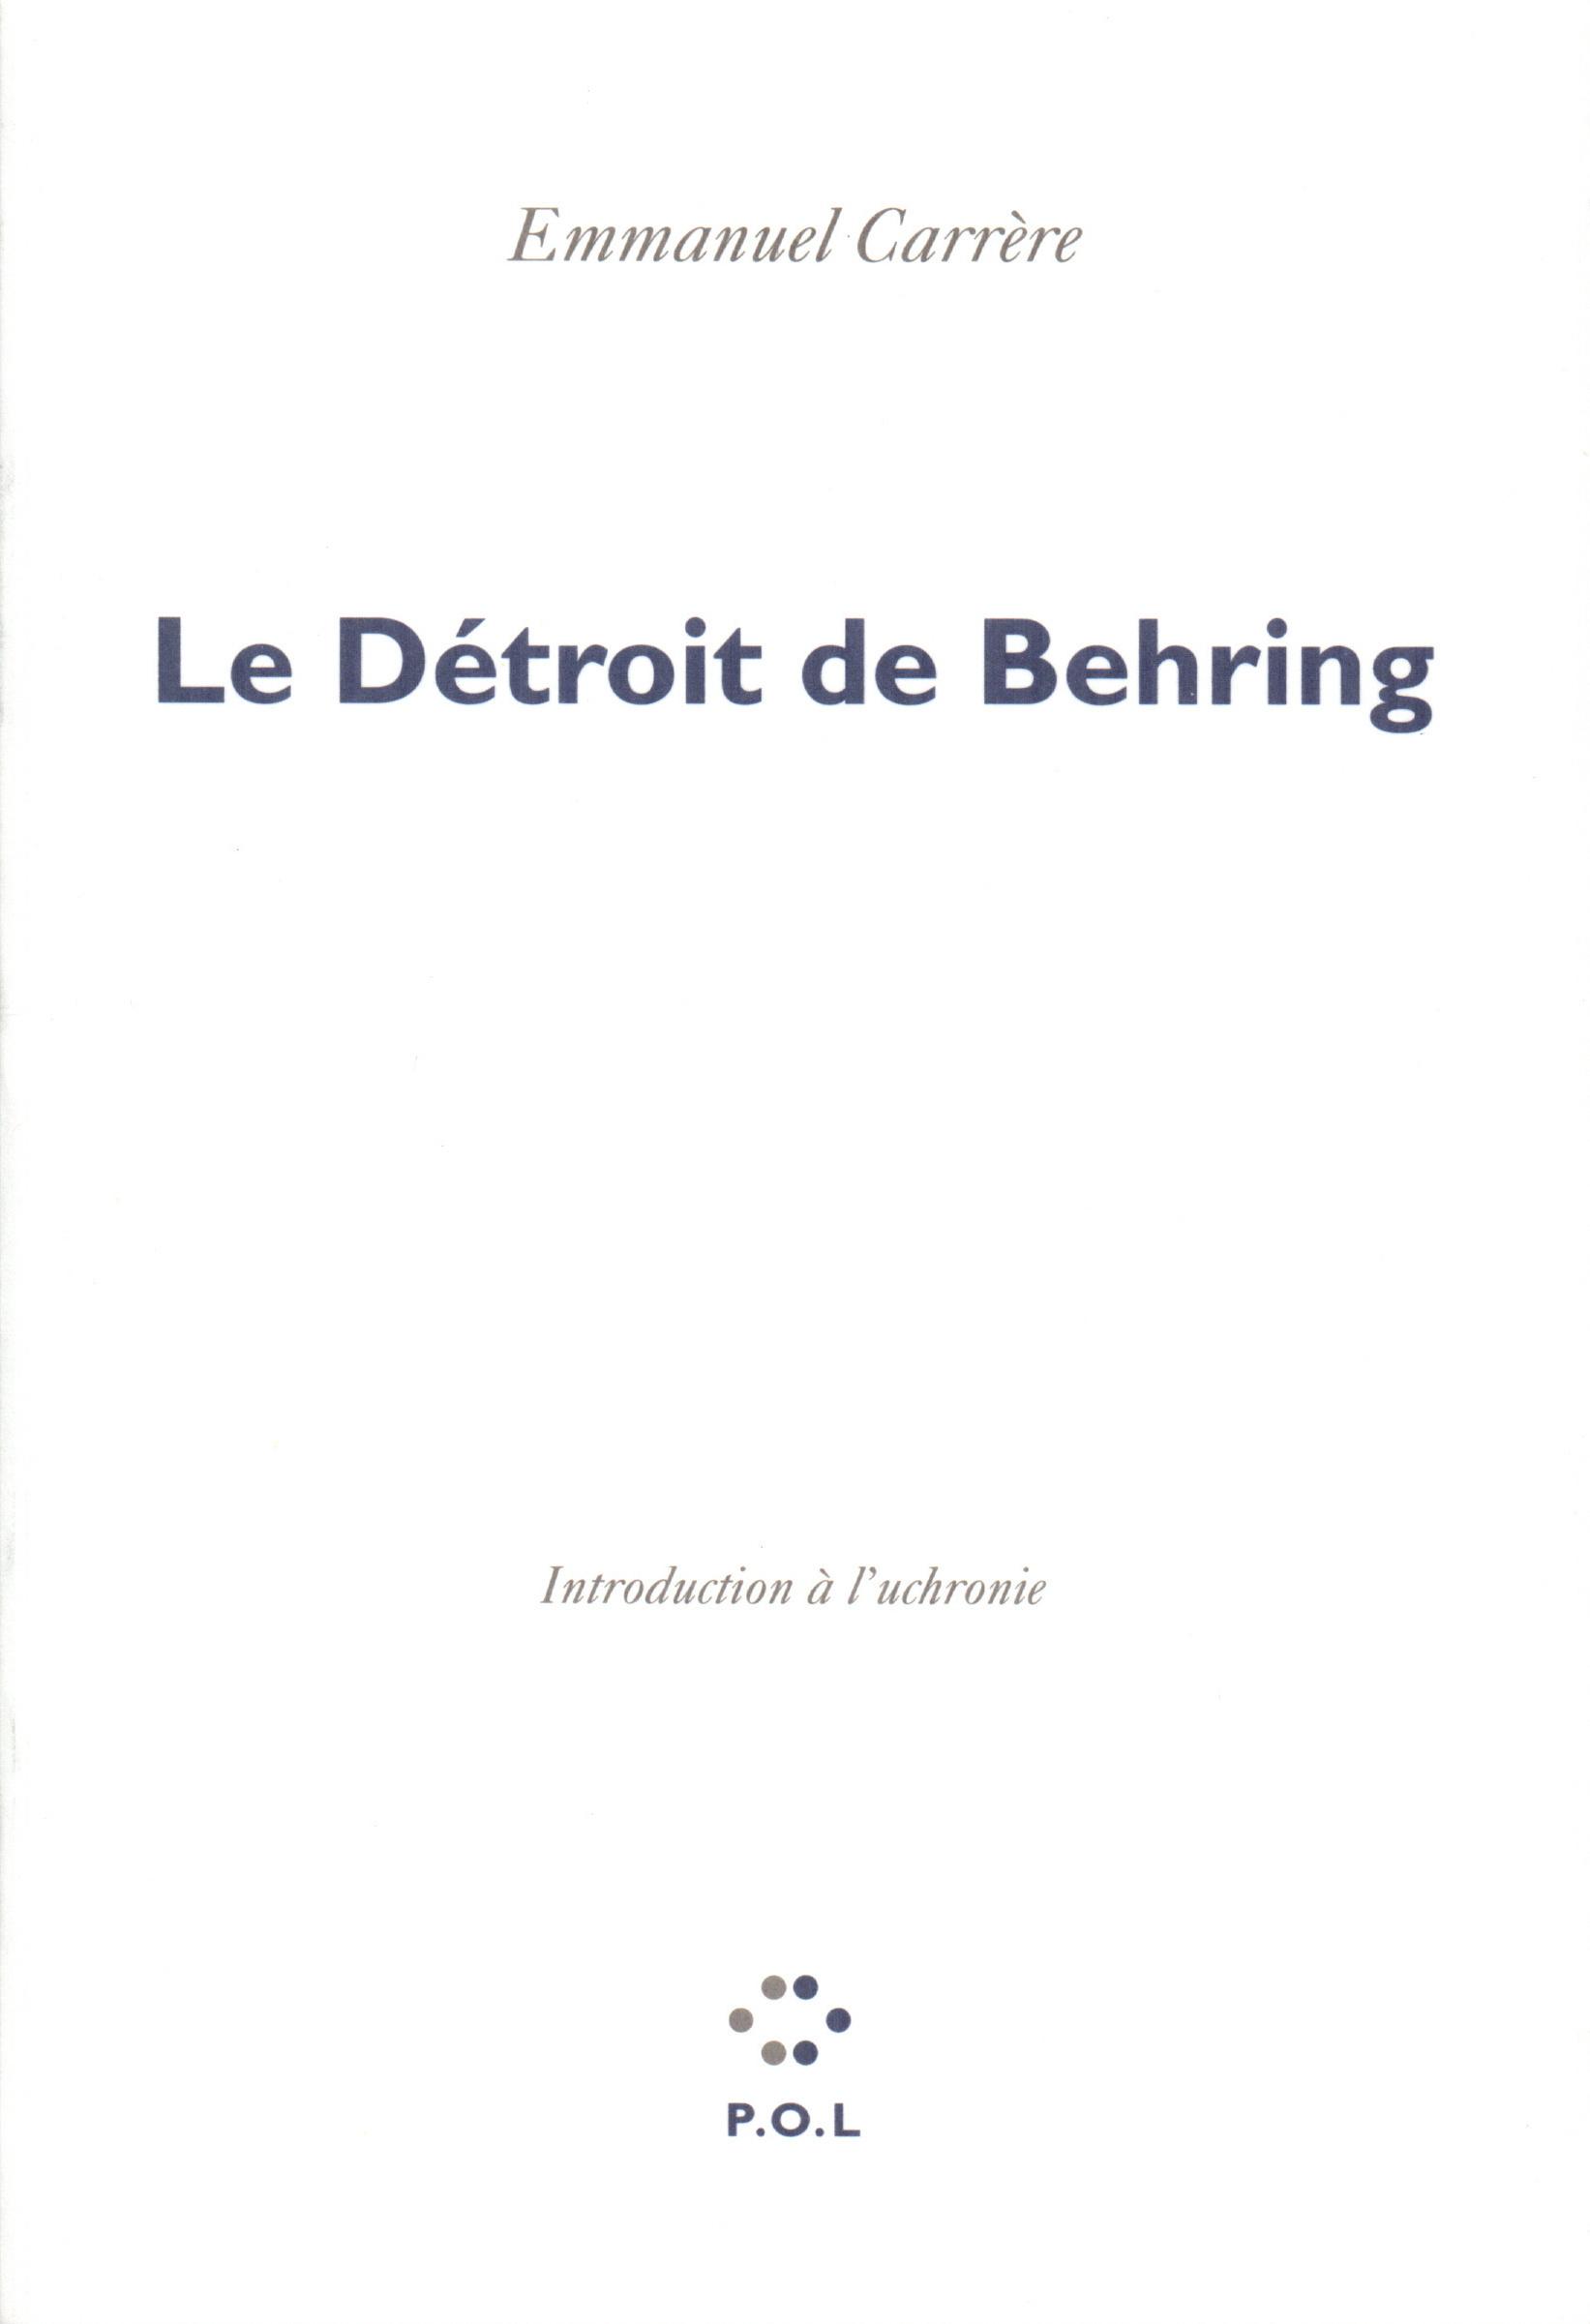 Le Détroit de Behring